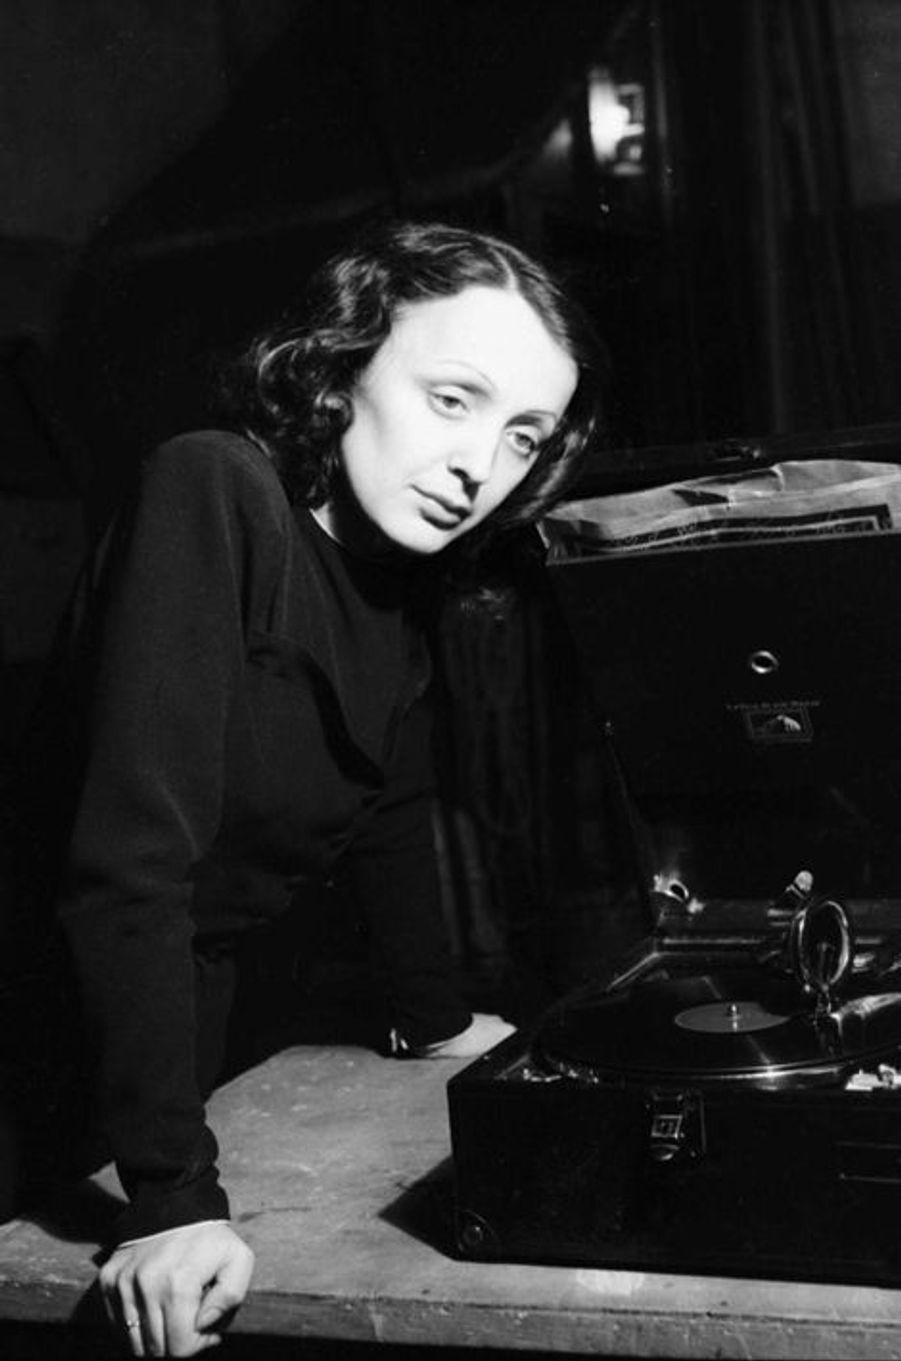 1940 : Edith Piaf joue dans la pièce «Le Bel Indifferent» aux Bouffes Parisiennes, au côté de Jean Cocteau